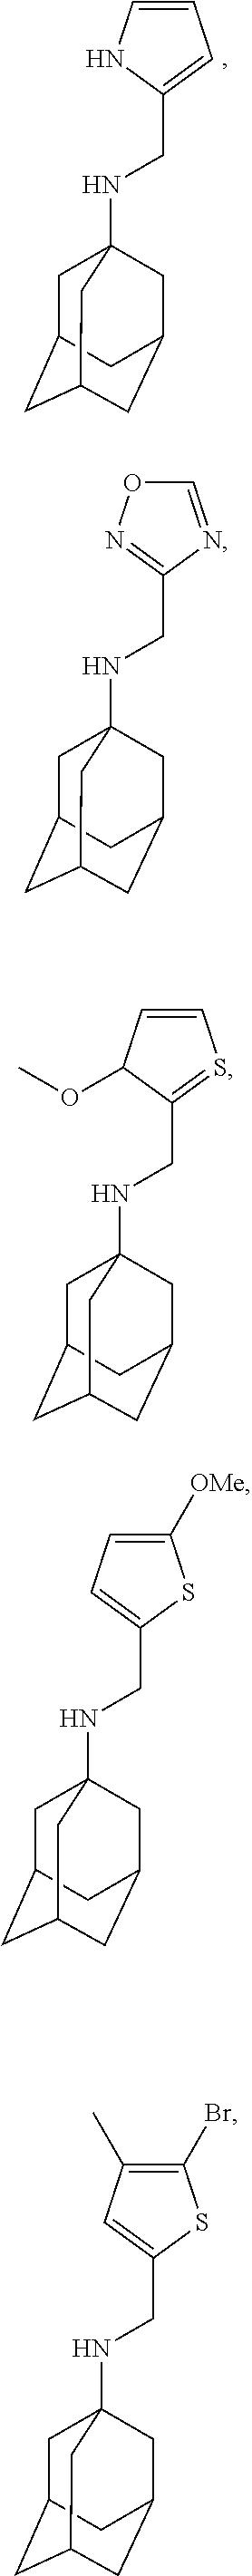 Figure US09884832-20180206-C00043